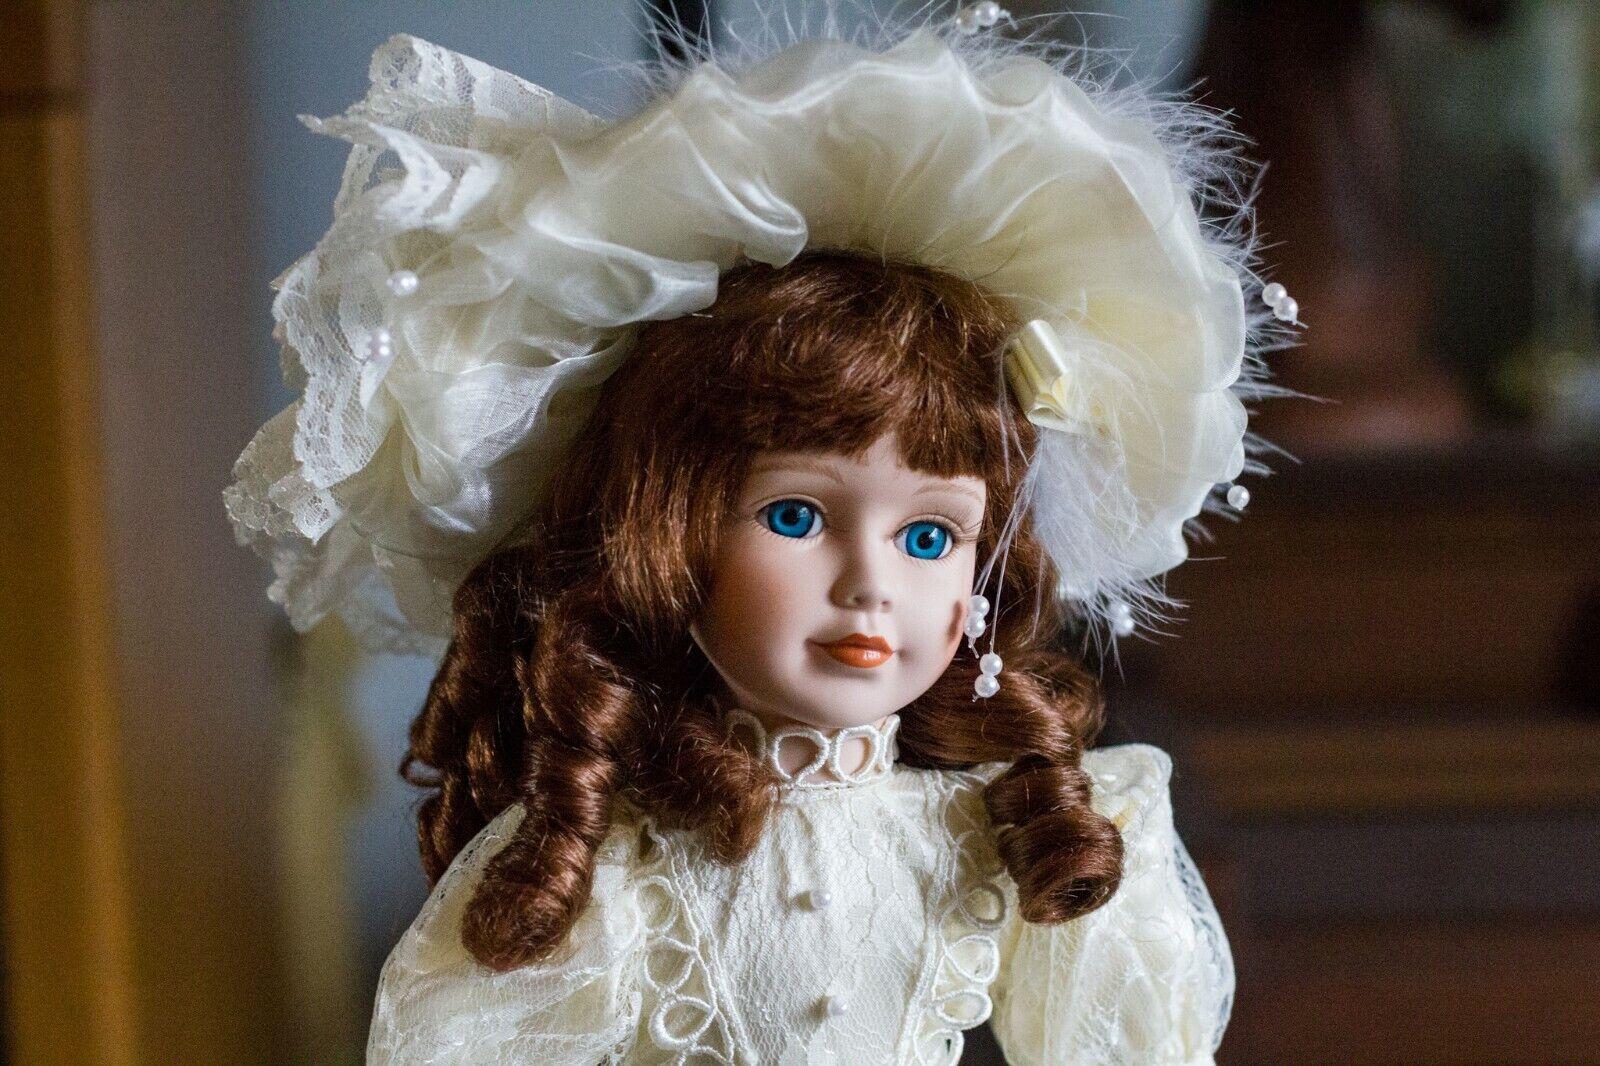 Beautiful, Sweet Gizelle - 18  bambola w  ste;  porcelain face & hes  consegna veloce e spedizione gratuita per tutti gli ordini